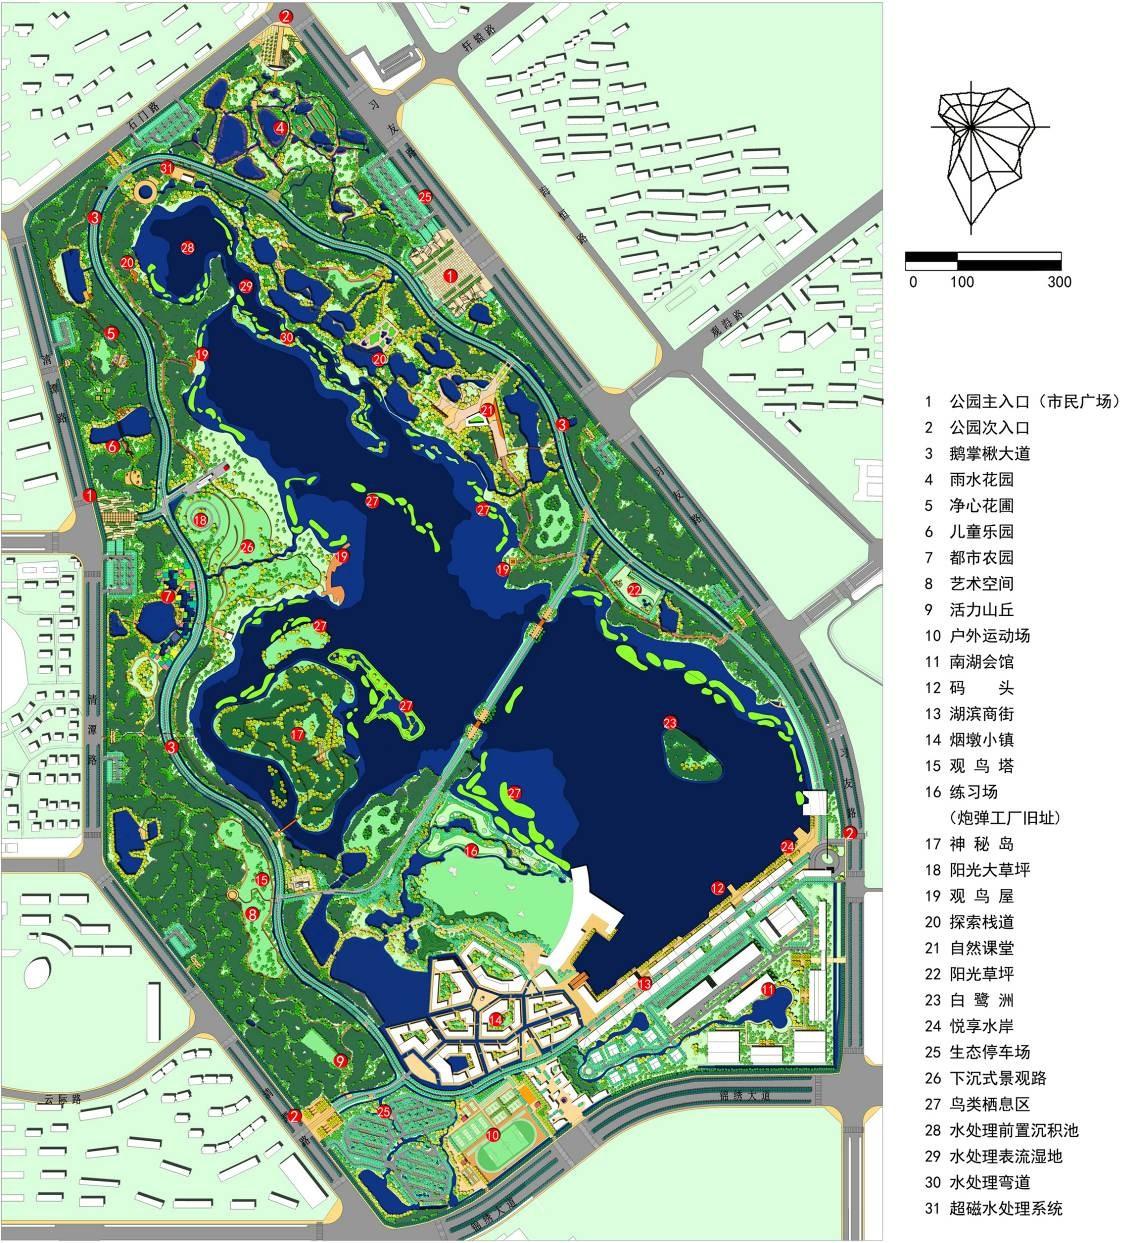 合肥南艳湖自然公园景观规划设计